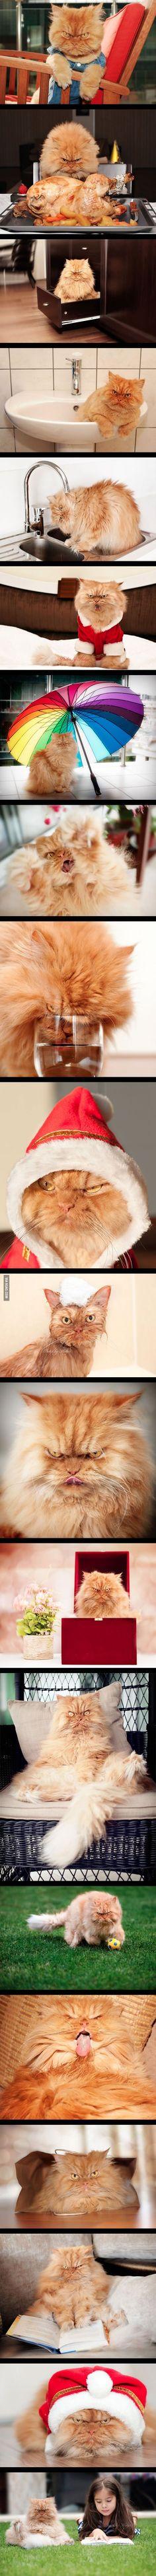 Darf ich vorstellen: Garfi, die wütendste Katze der Welt